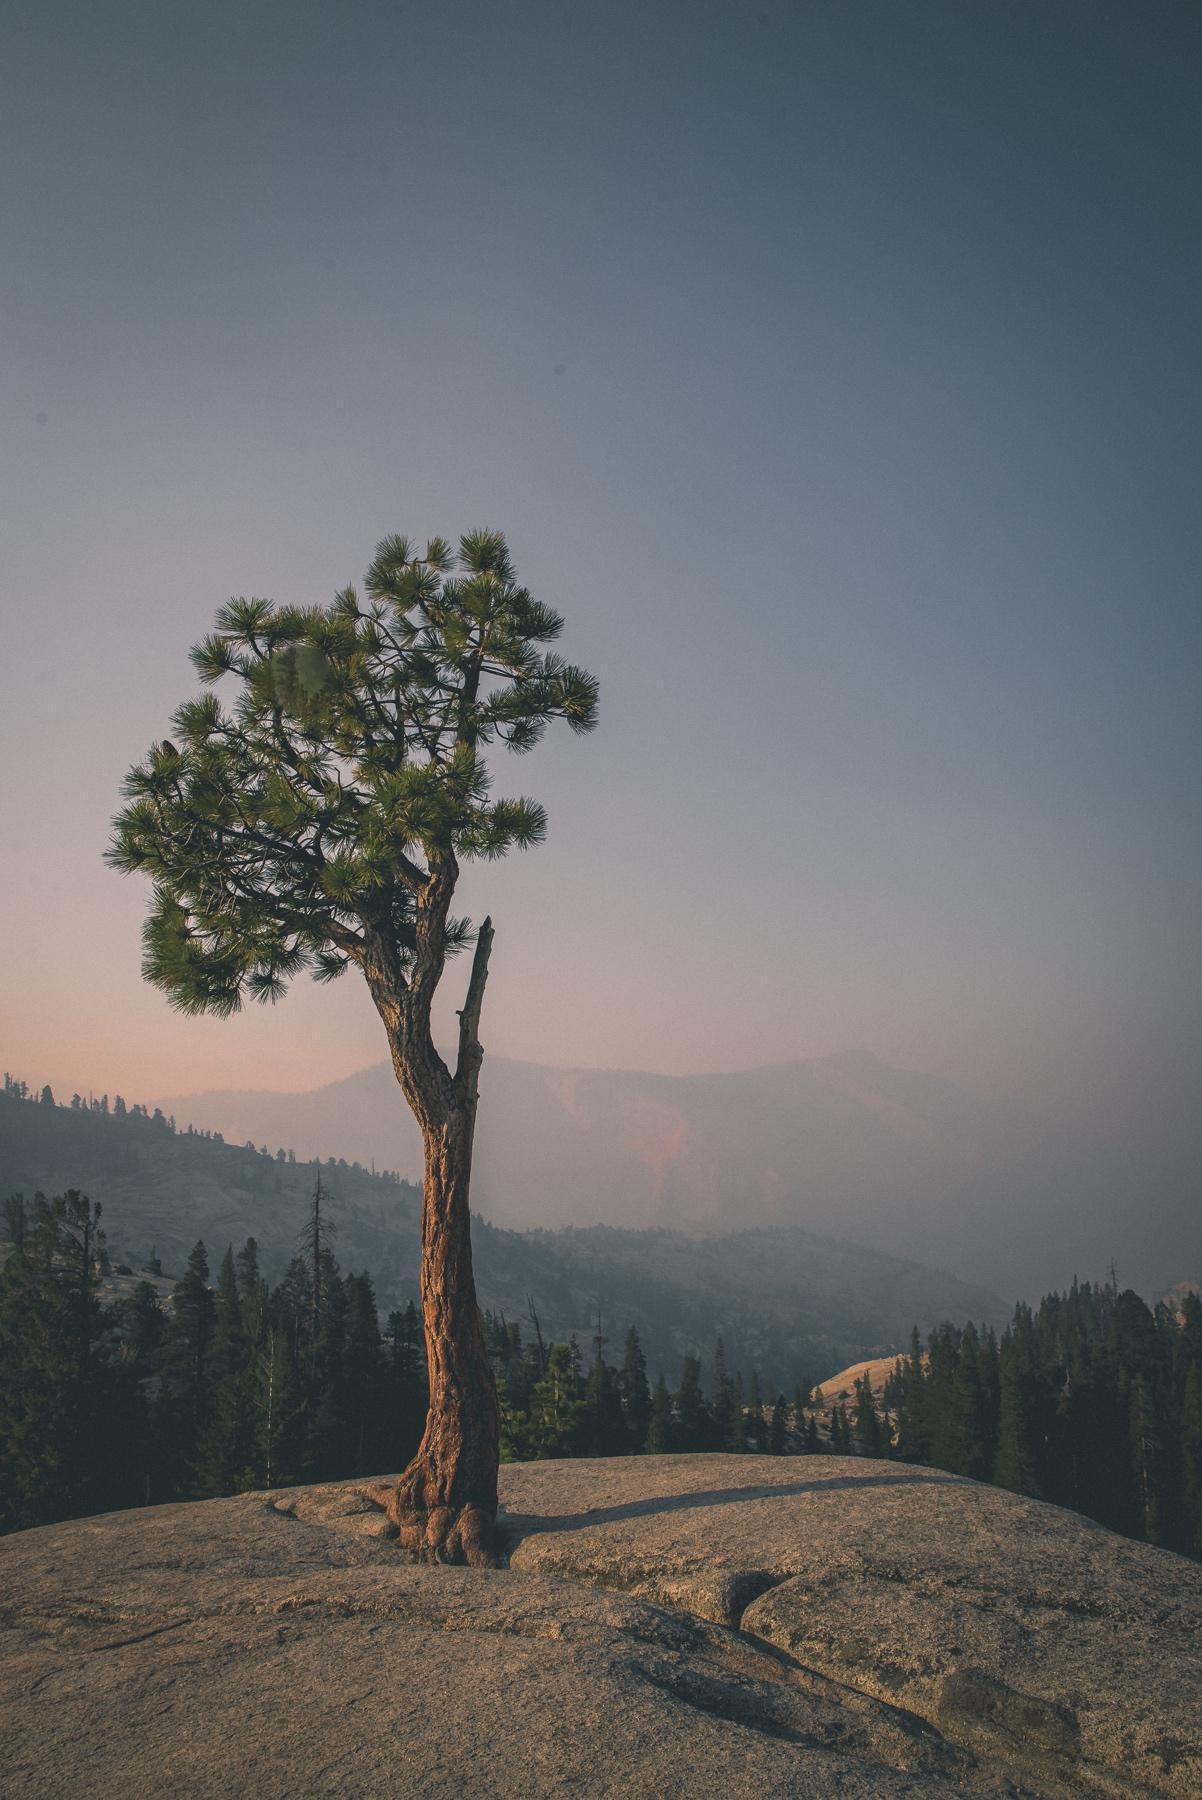 Ein Bild, das draußen, Himmel, Natur, Hügel enthält.  Automatisch generierte Beschreibung